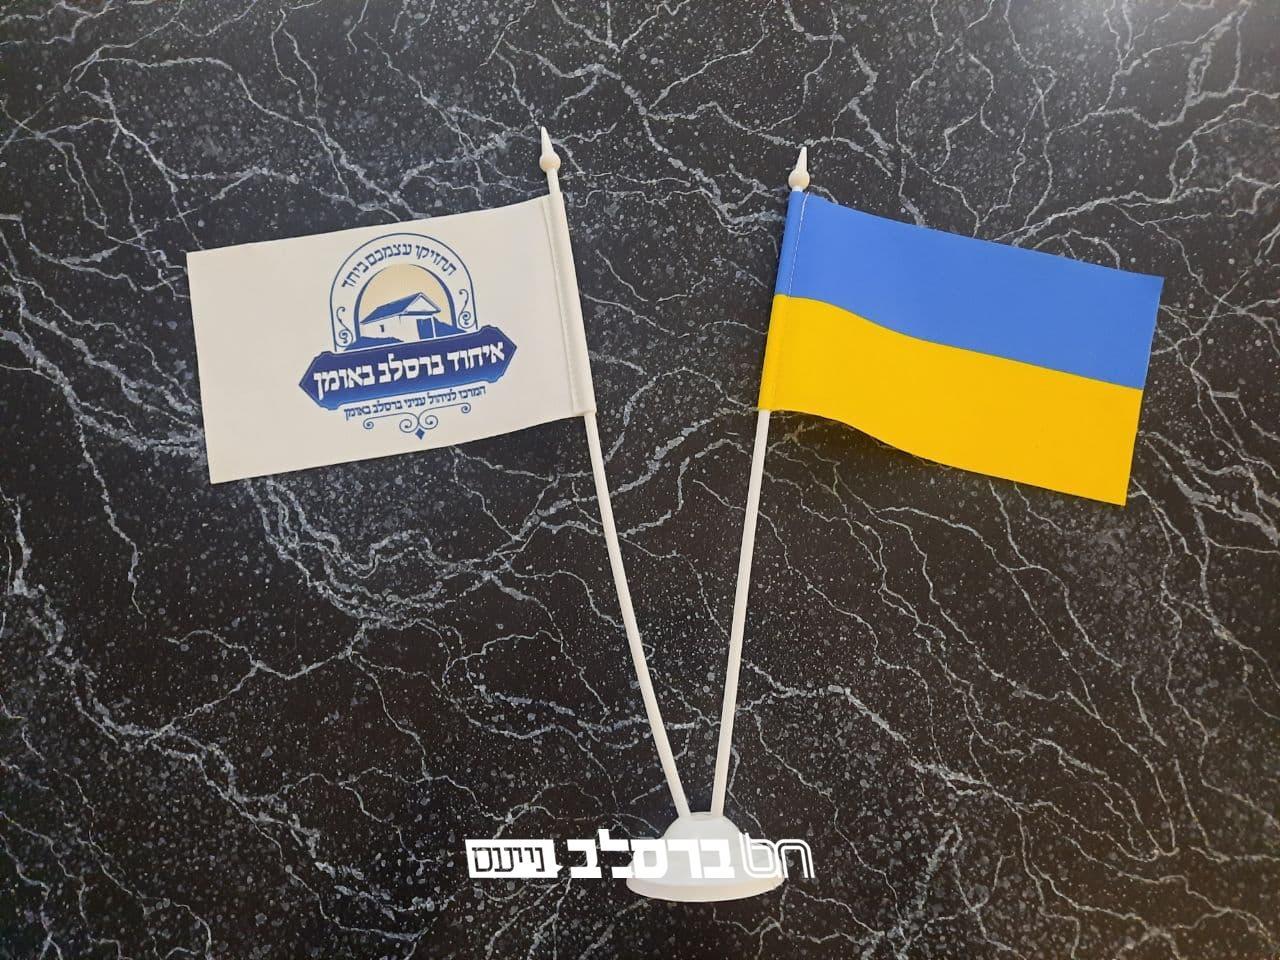 """קיבוץ תשפ""""ב • הרב בן נון יו""""ר 'איחוד ברסלב' בפגישות הכנה באוקראינה לקראת ראש השנה"""